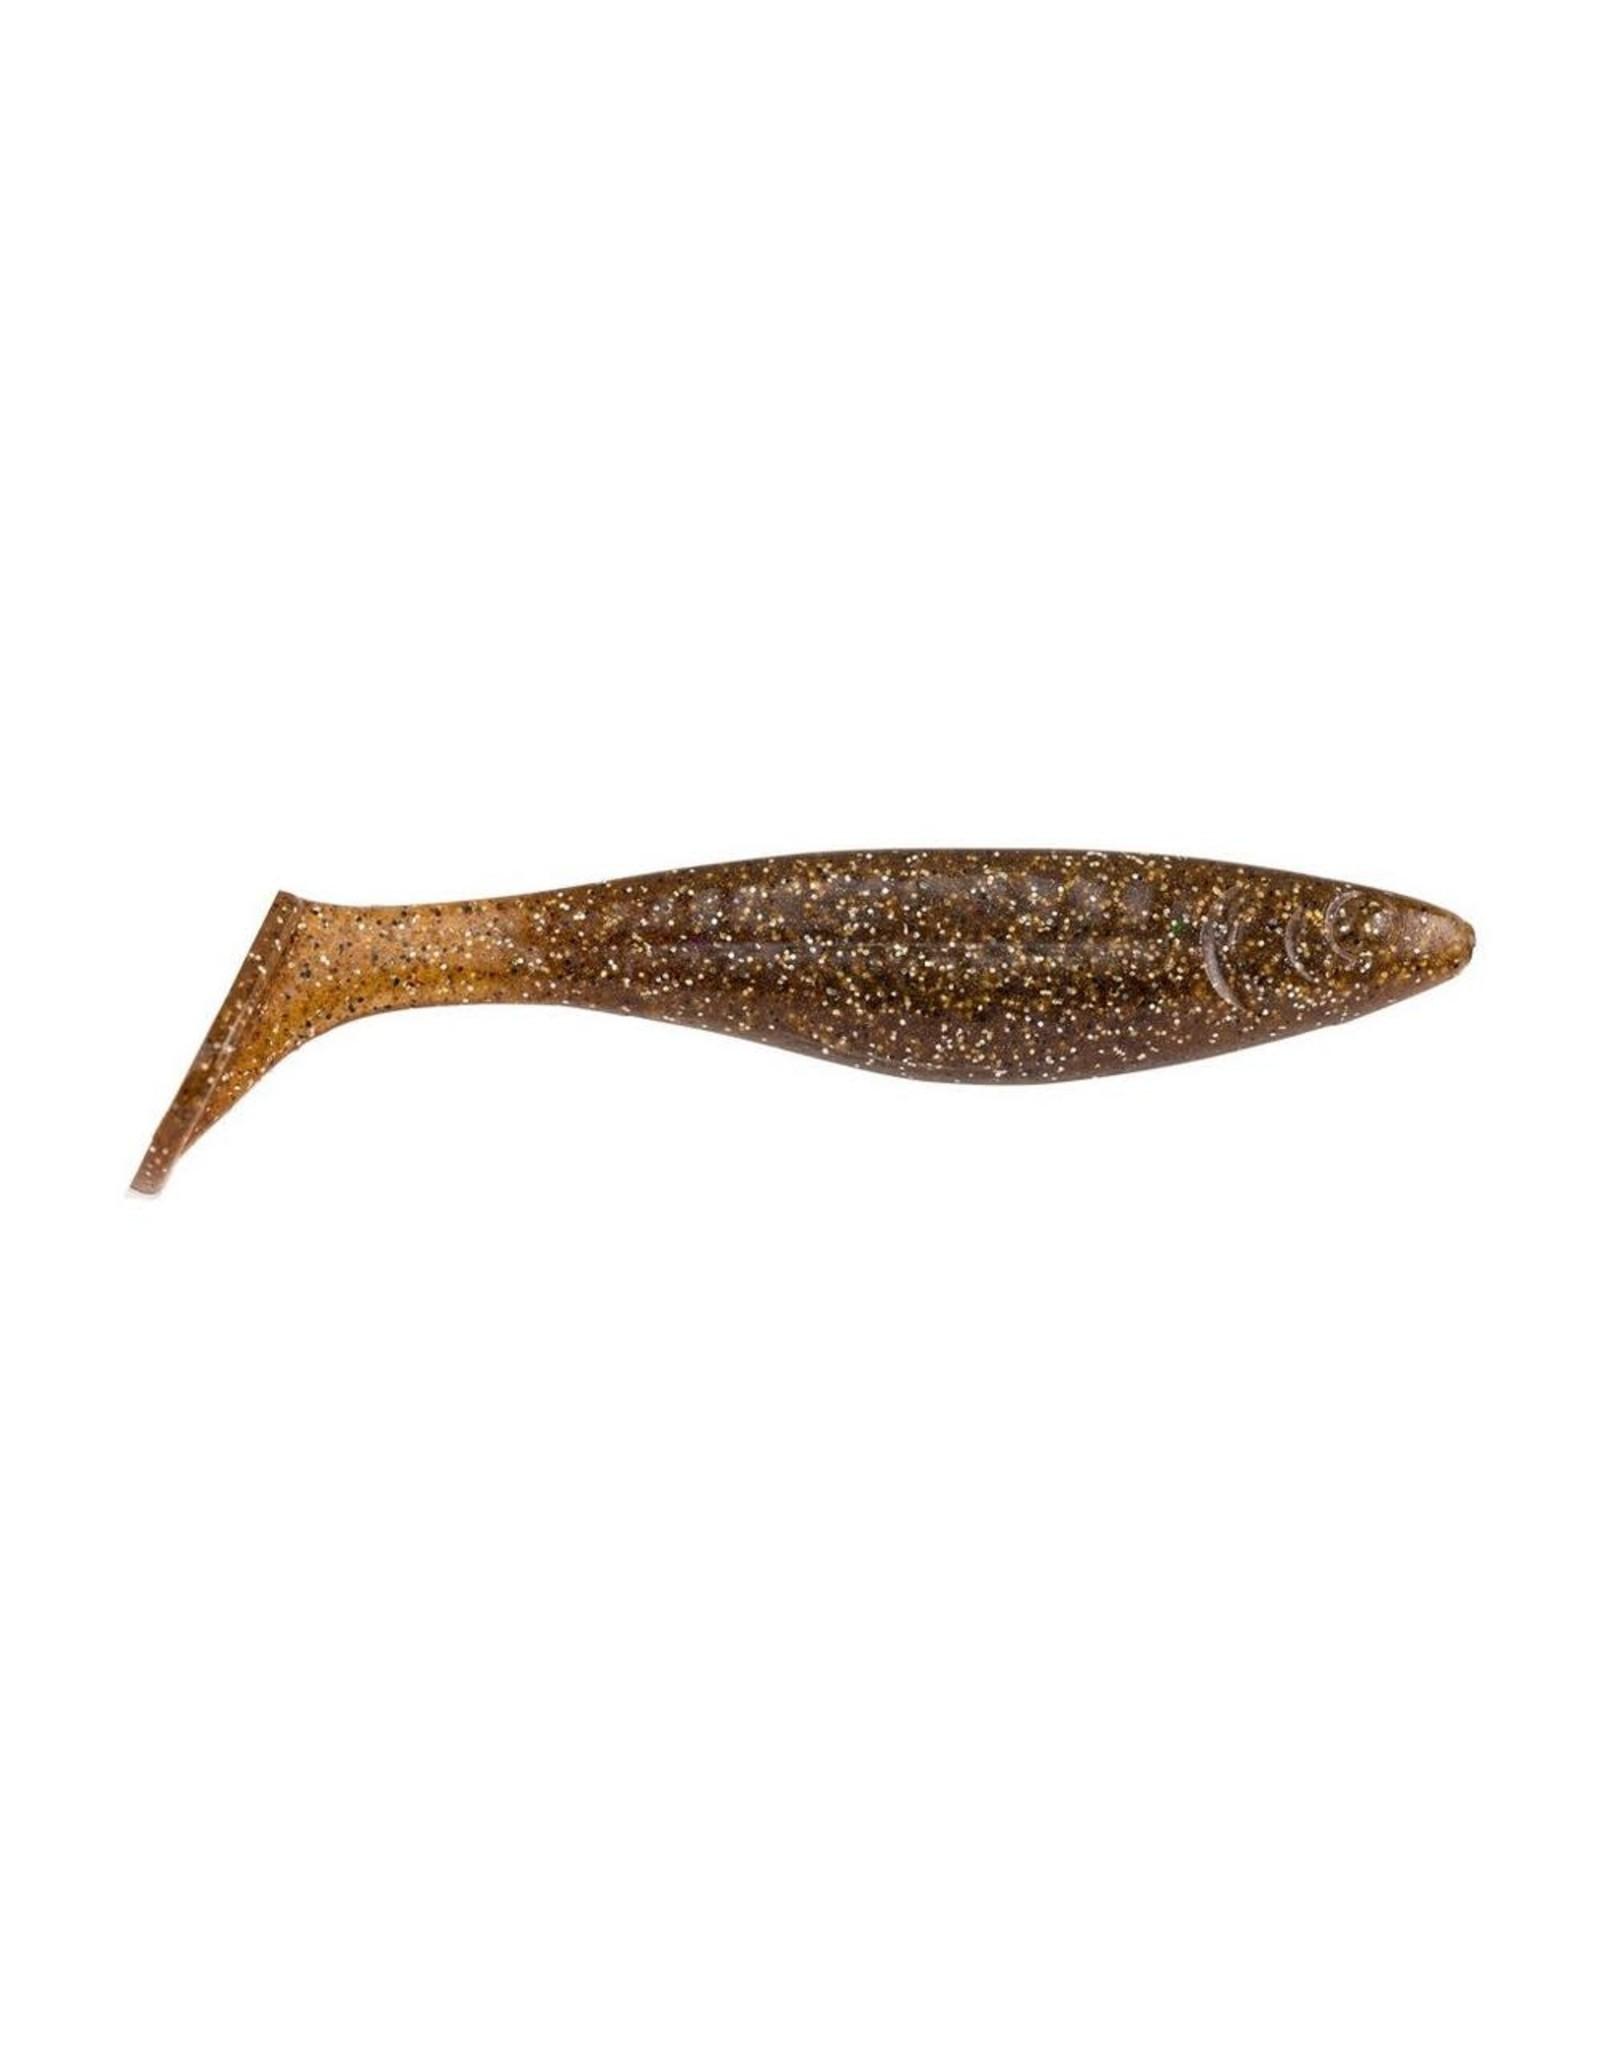 Berkley Fishing Powerbait The Champ Swimmer